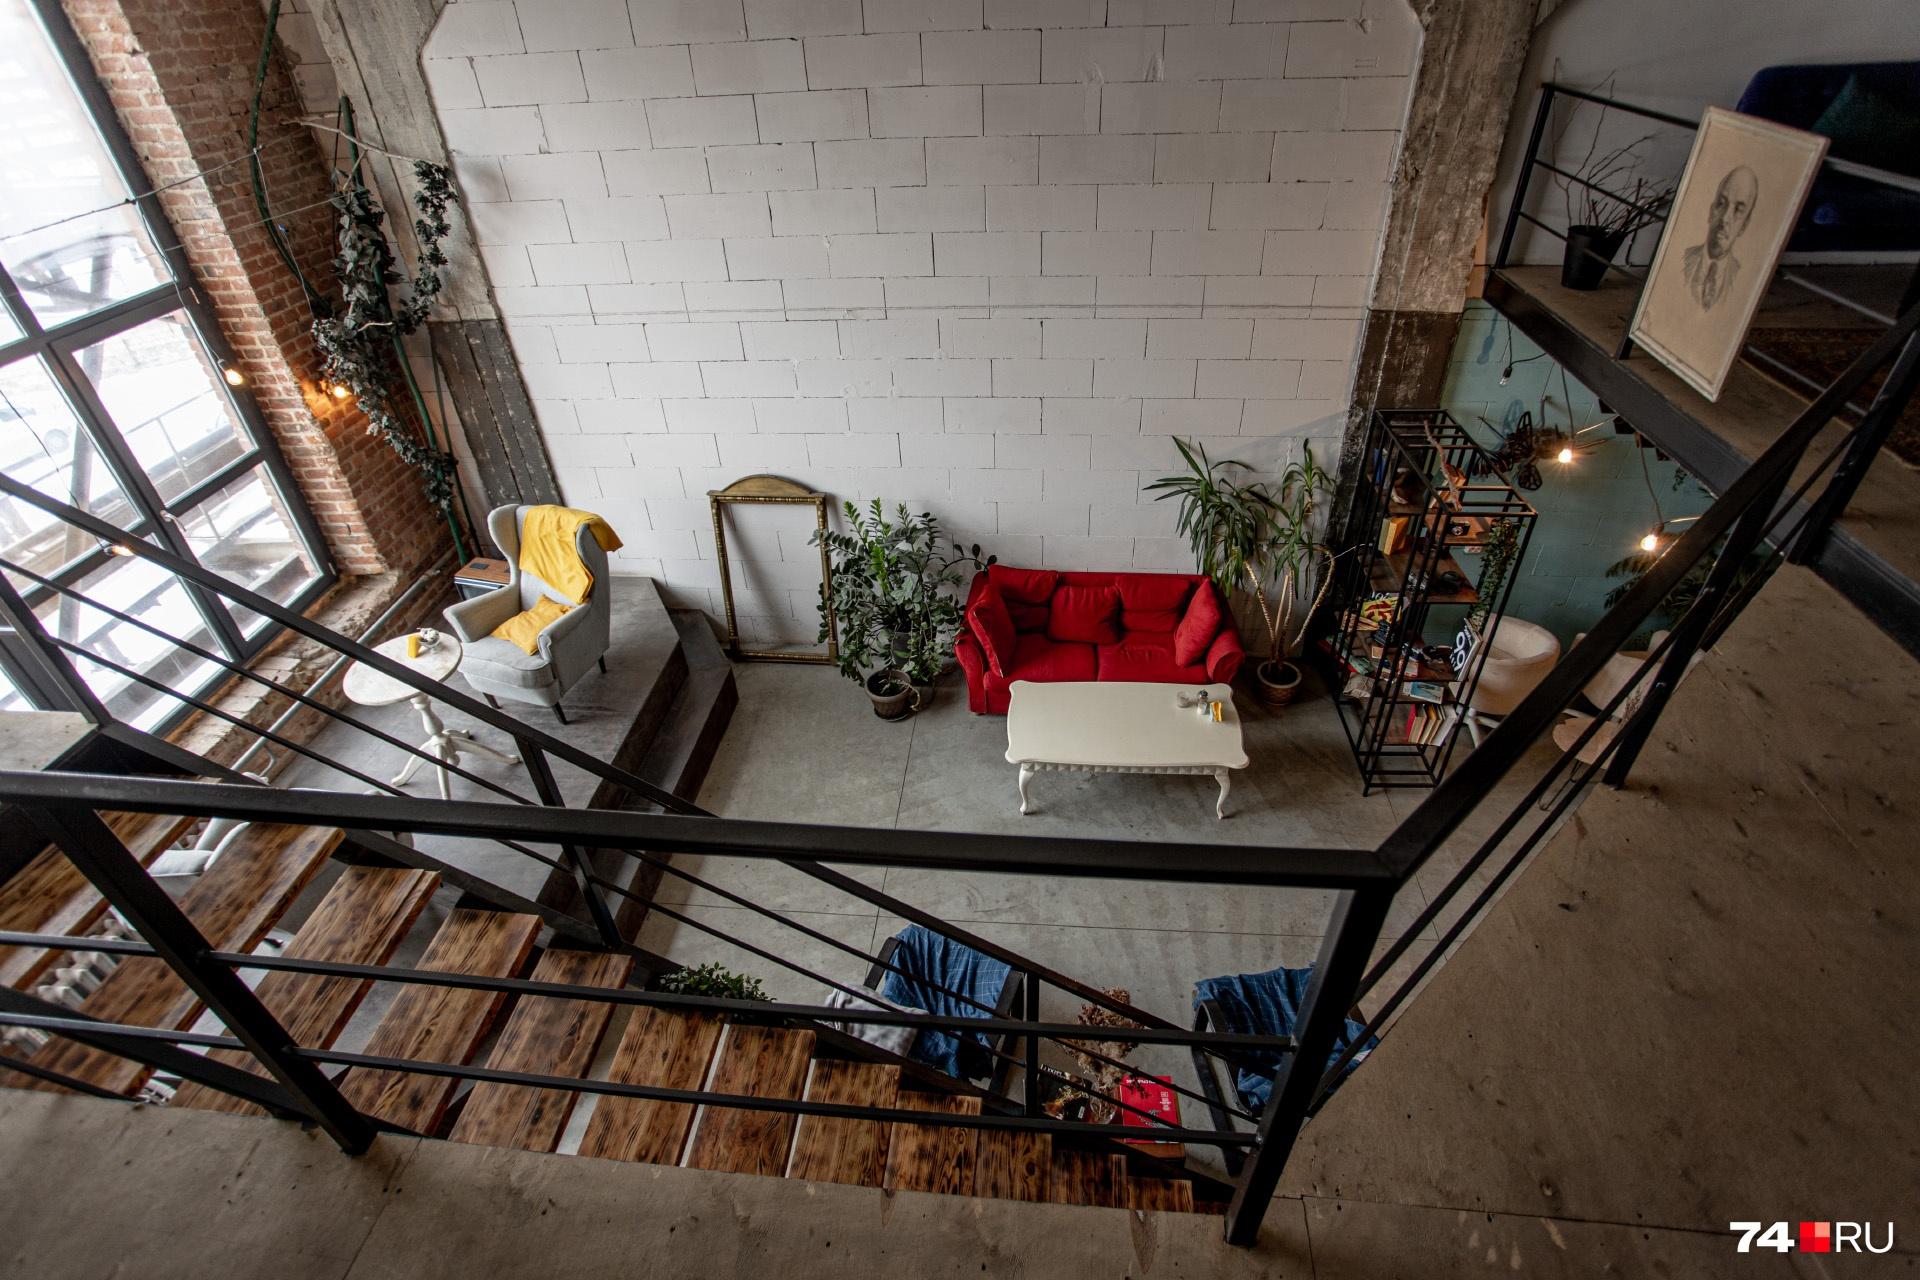 Одно из популярных мест в «Свободе2» — небольшая тихая кофейня с огромными окнами